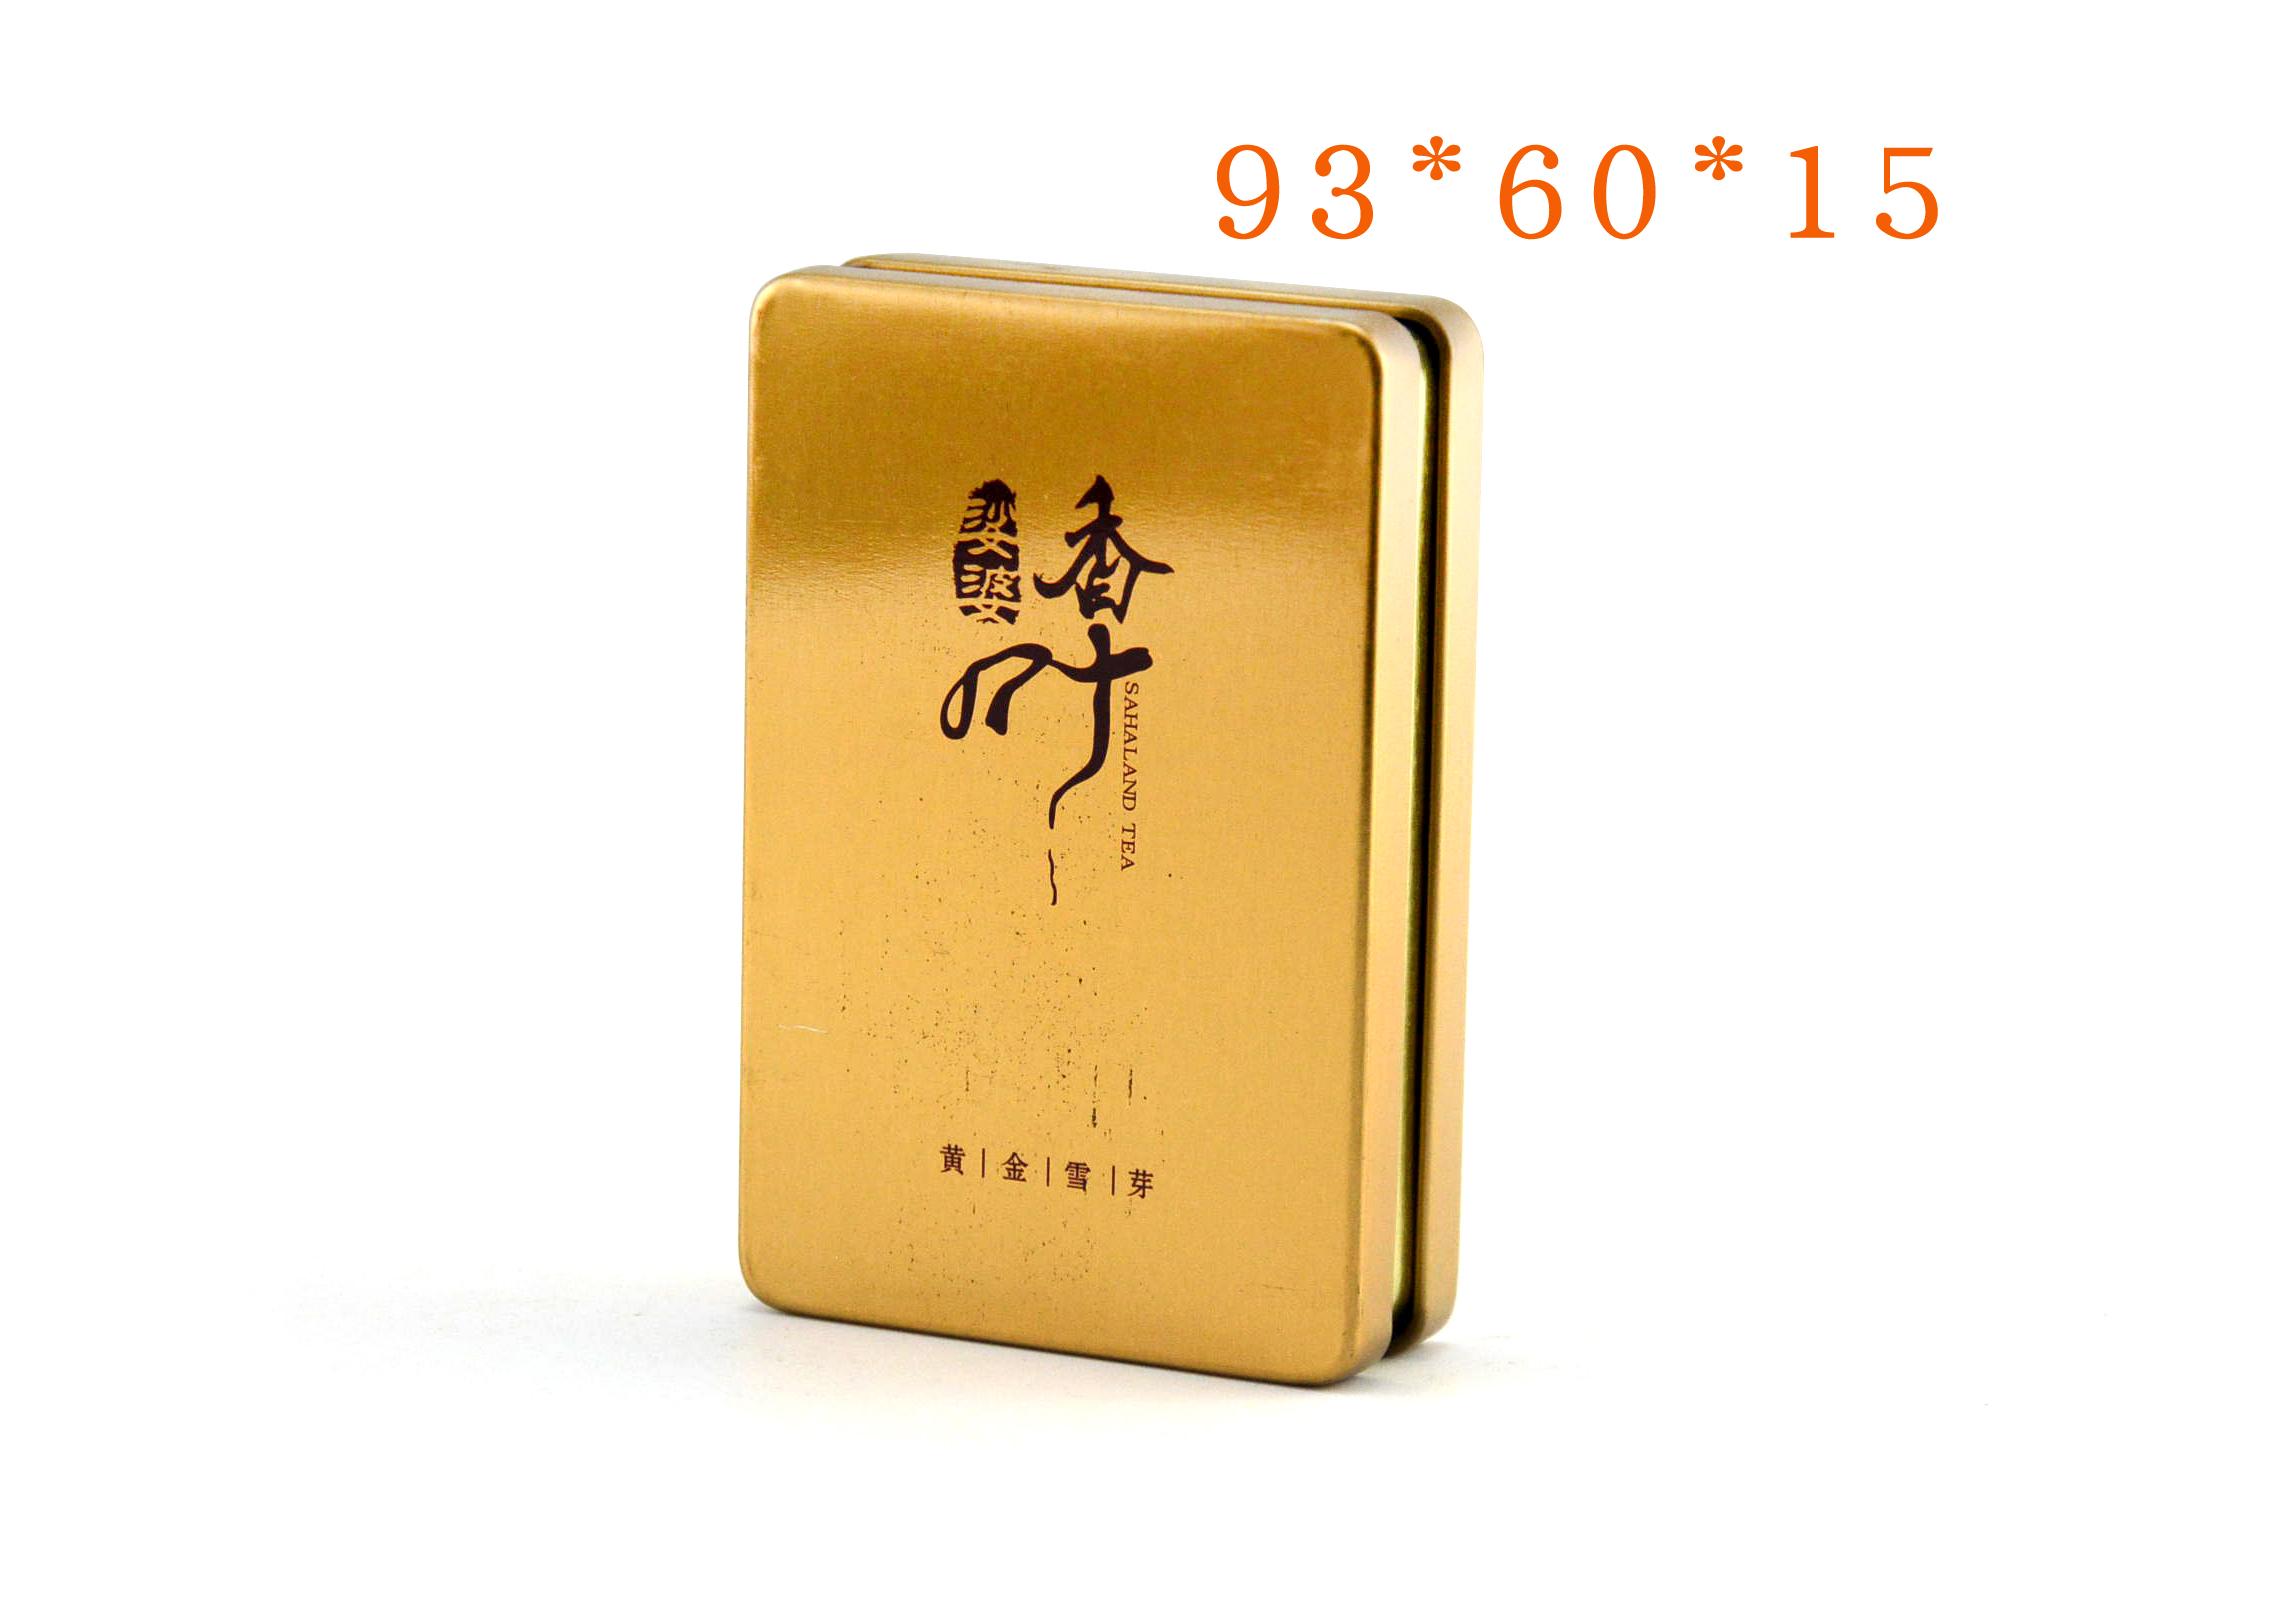 香叶茶铁盒